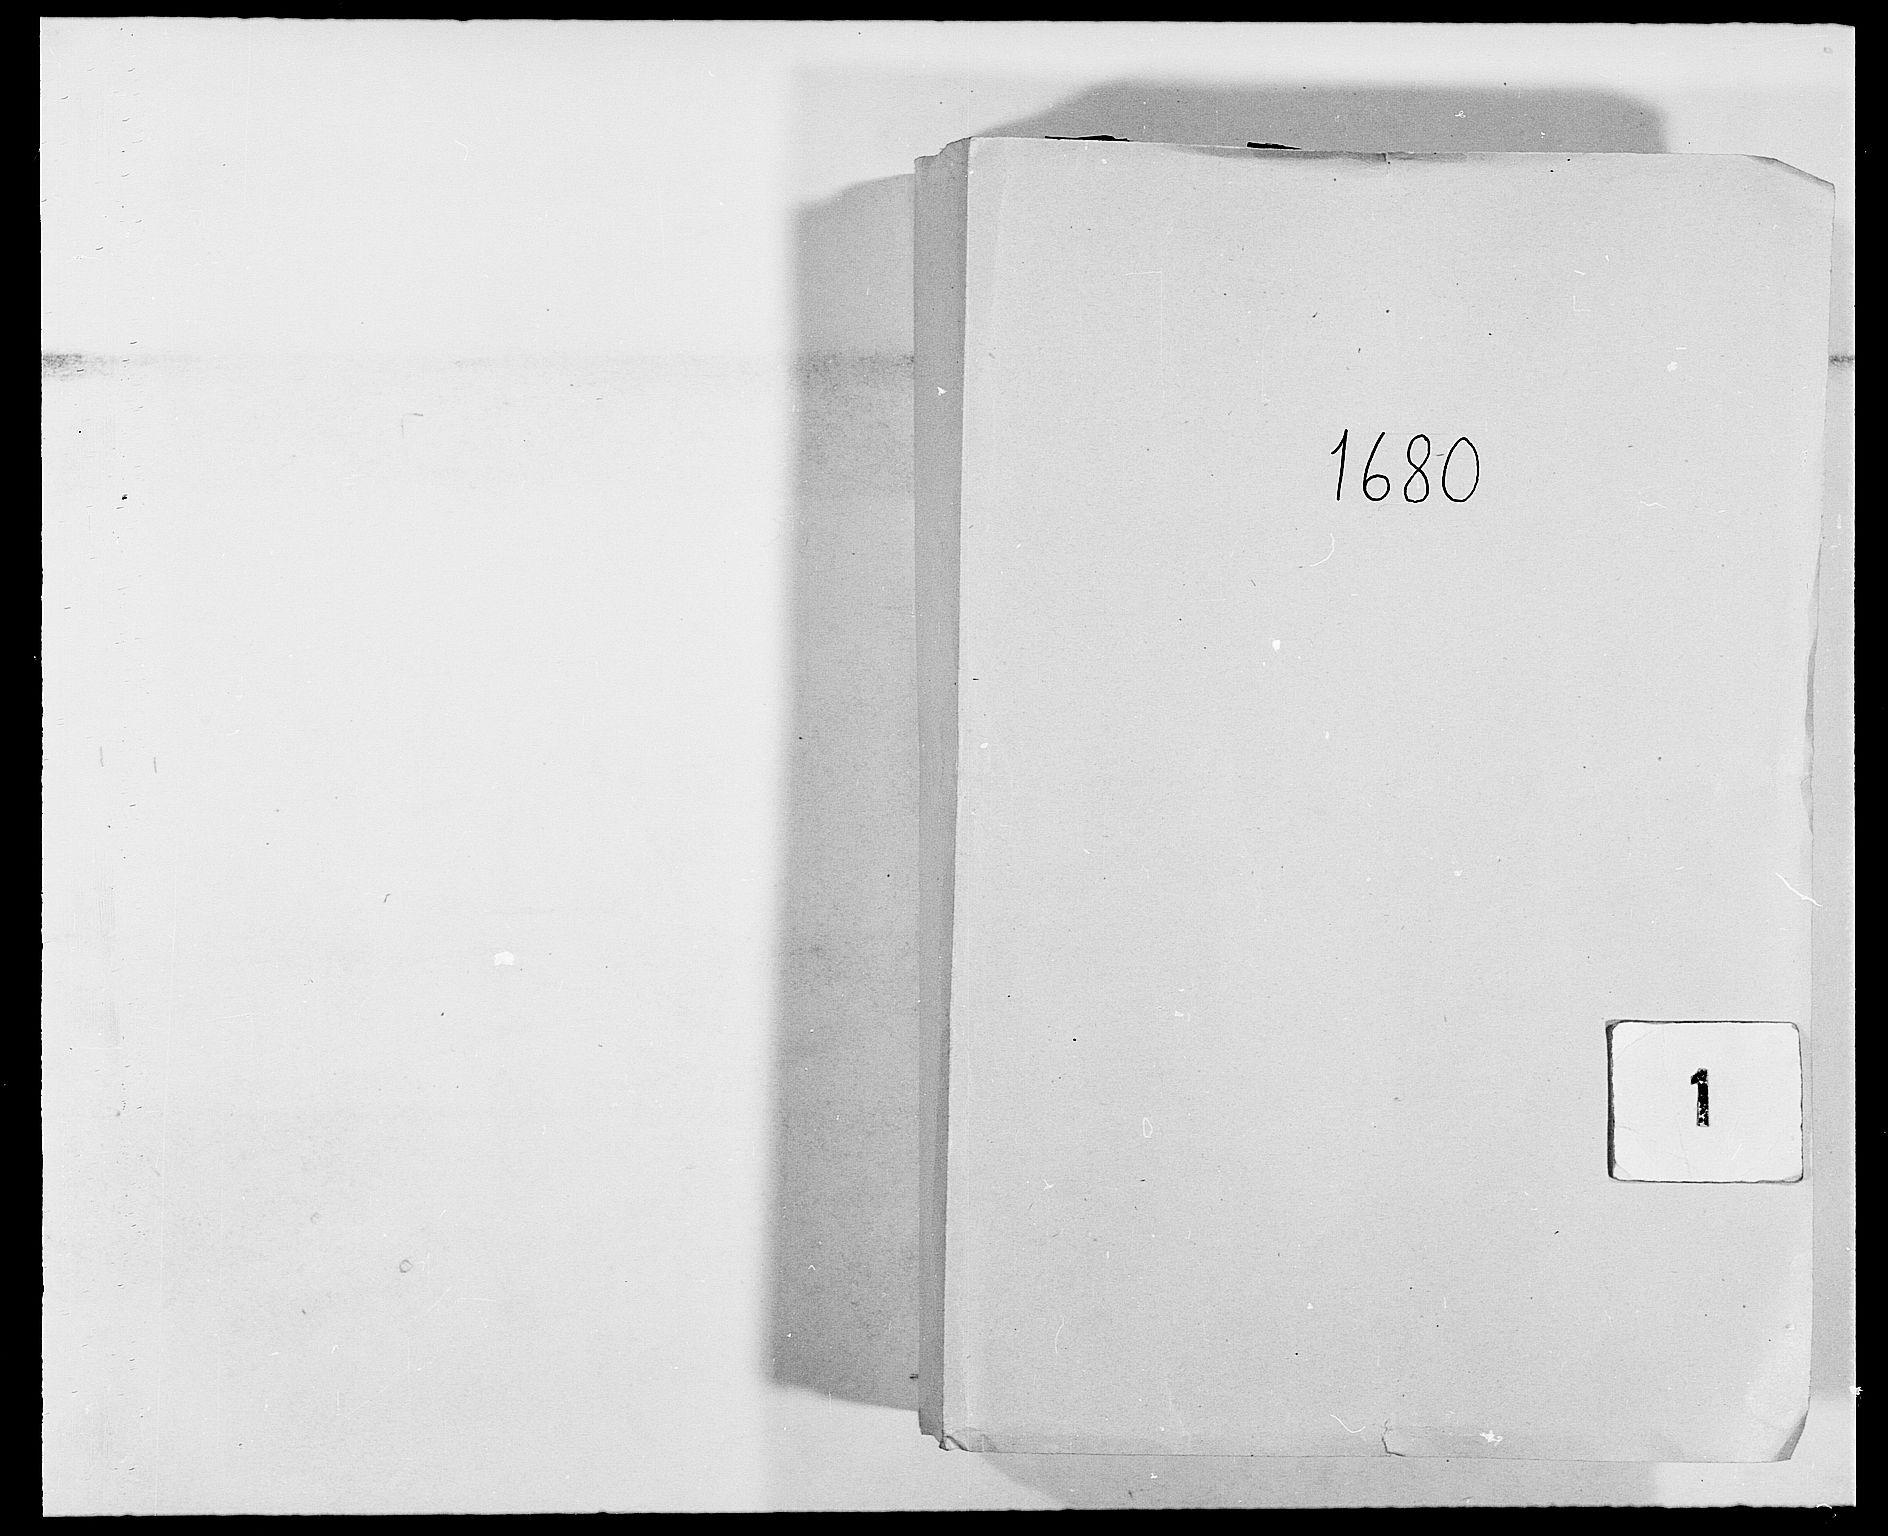 RA, Rentekammeret inntil 1814, Reviderte regnskaper, Fogderegnskap, R02/L0101: Fogderegnskap Moss og Verne kloster, 1680, p. 1